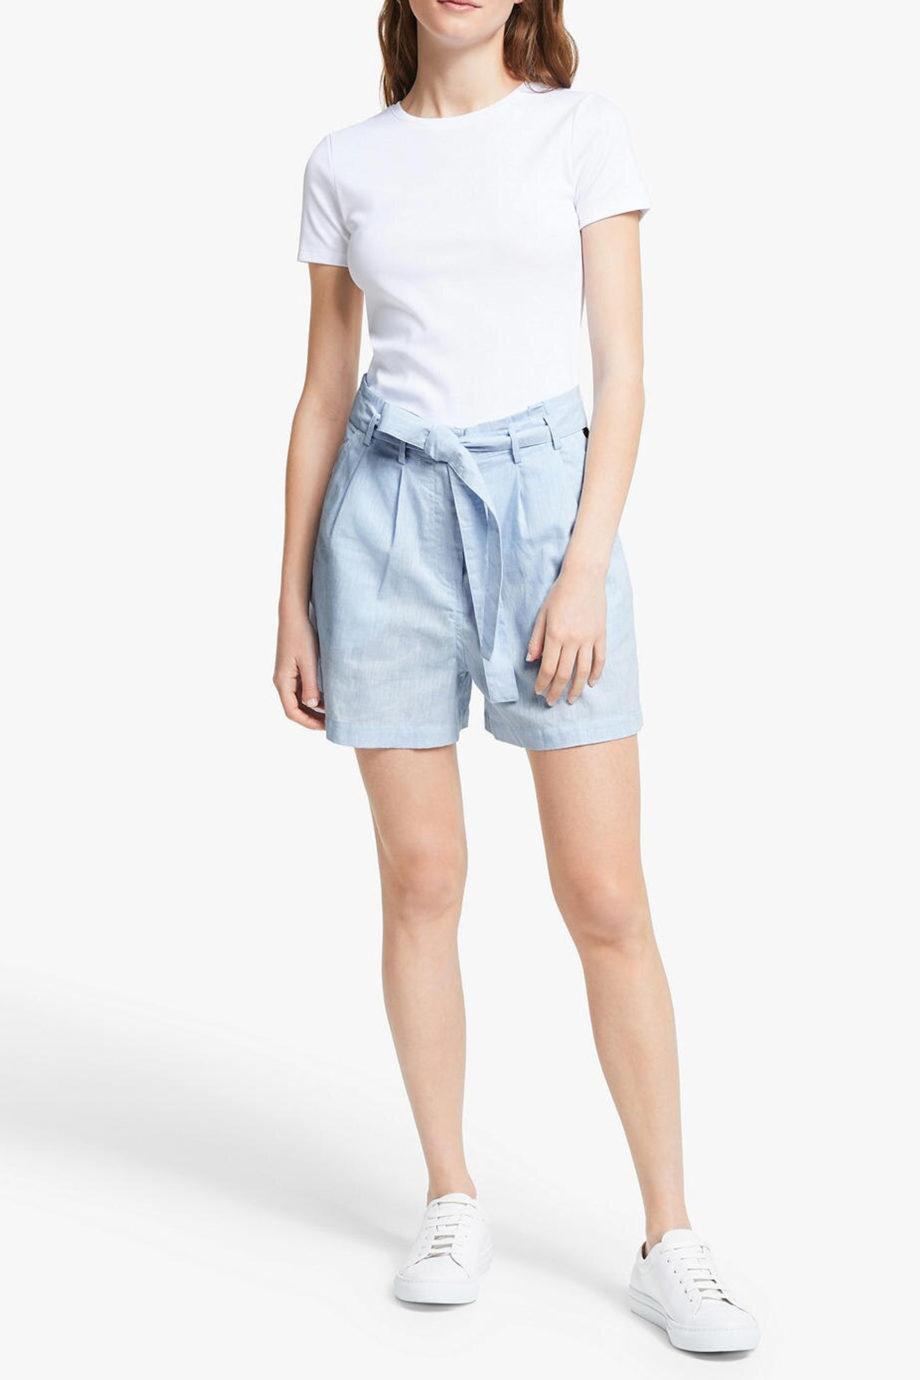 NUMPH shorts kristin